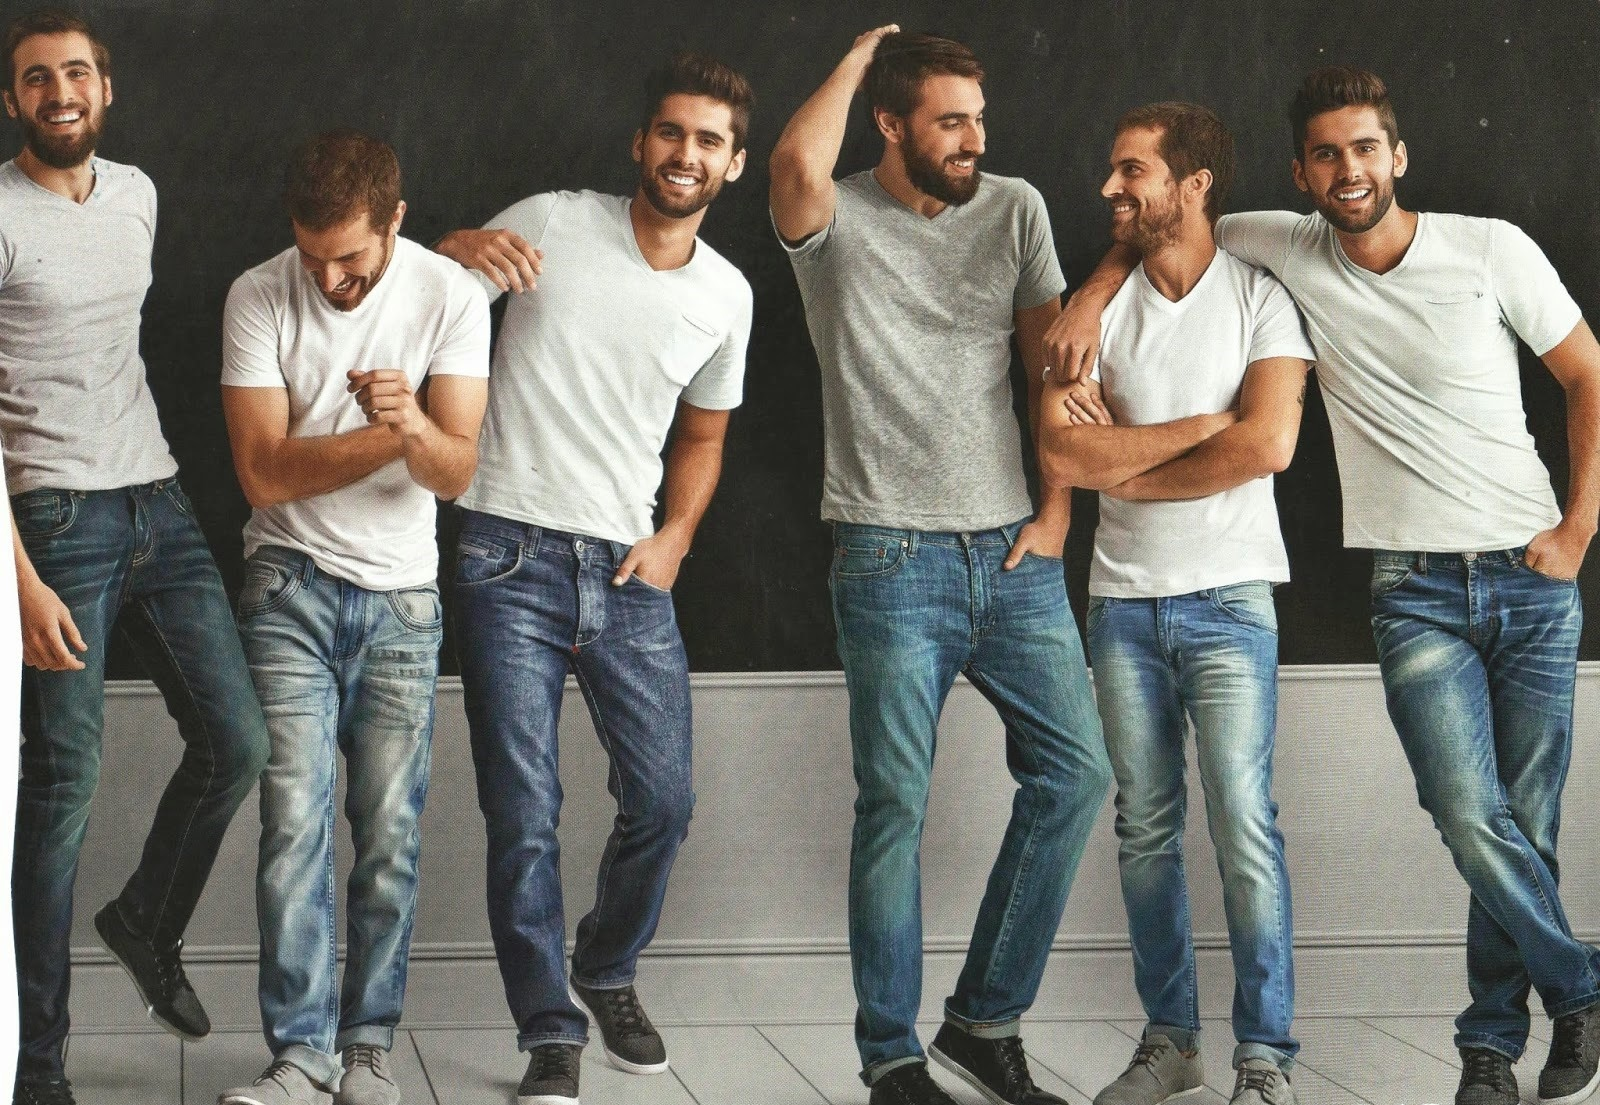 Siempre necesitaremos al menos un par de jeans. Dependiendo de su diseño fe83d075bbb95